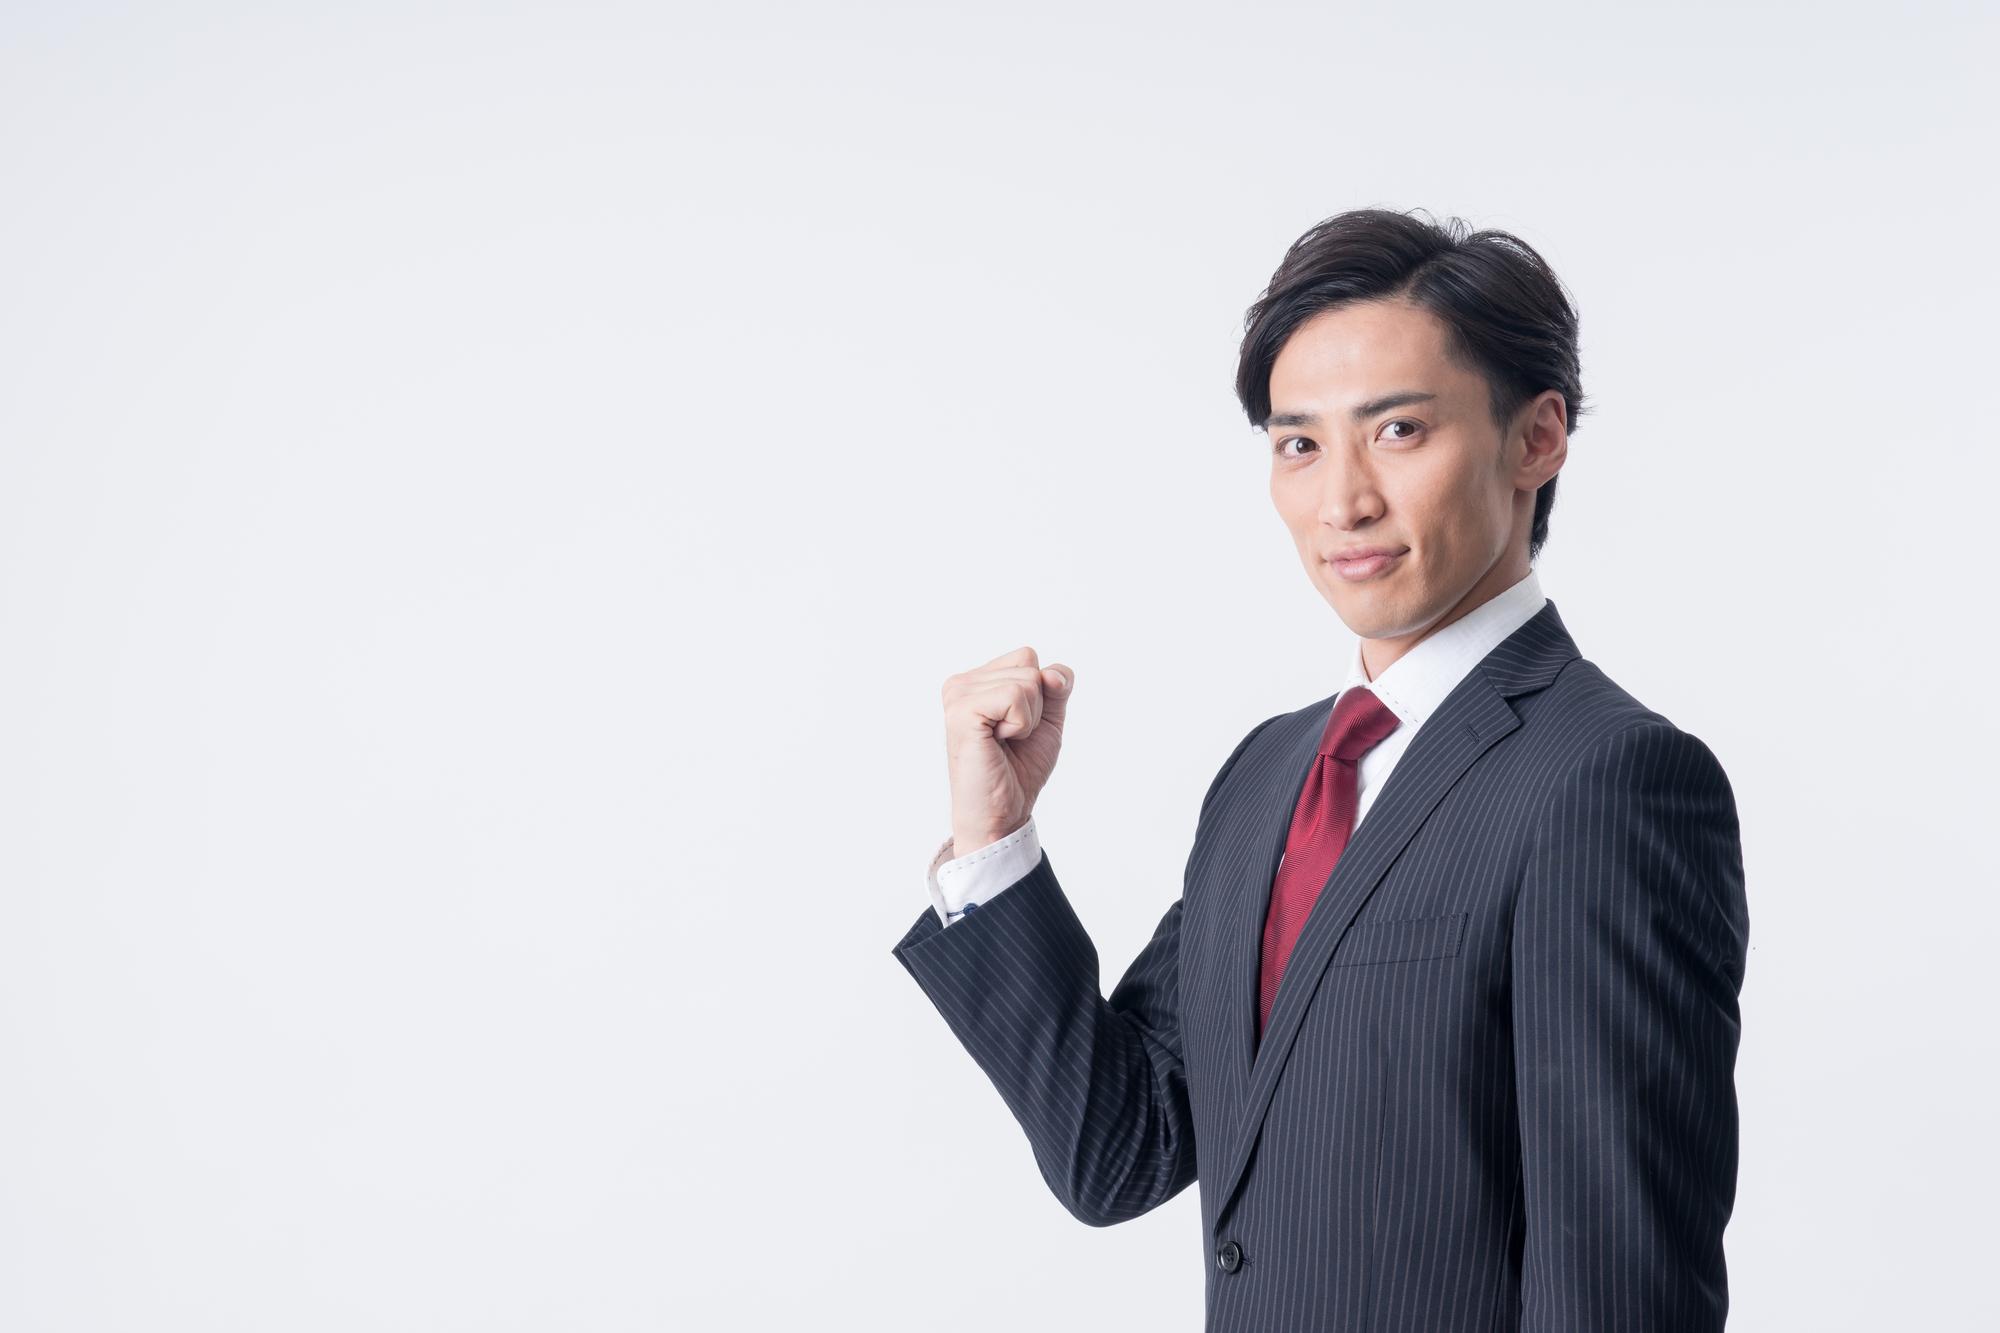 営業職でおすすめの転職エージェント10選!サービスの選び方も解説